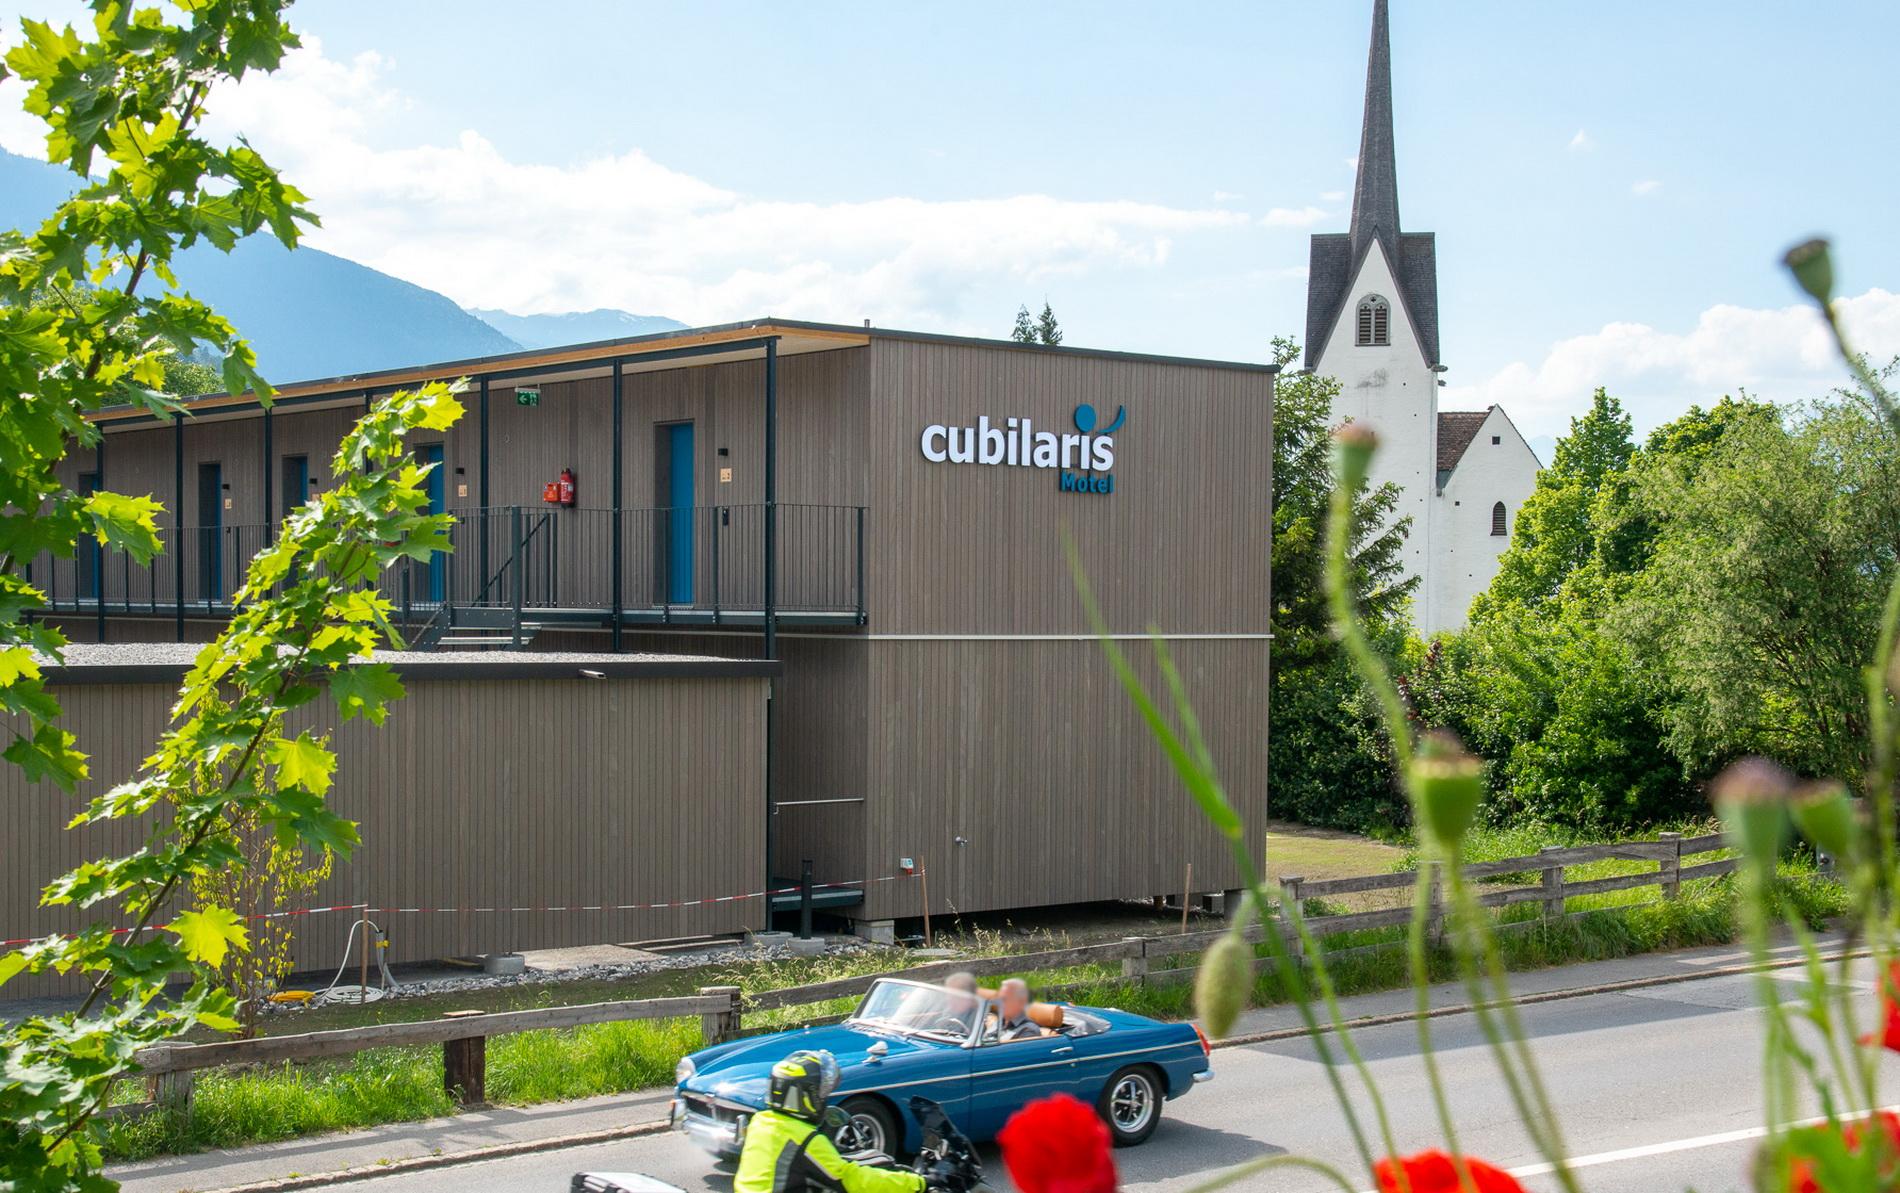 Cubilaris Motel